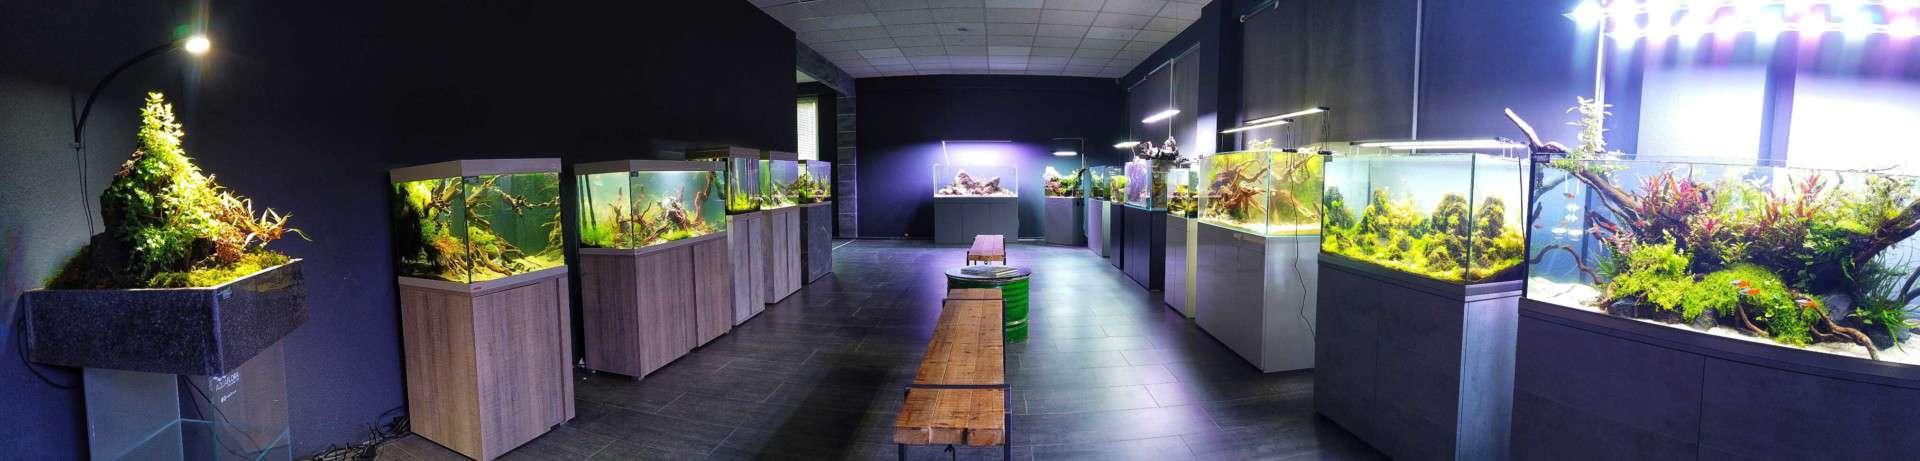 208 - Die Scapers Lounge - Neueröffnung des Mekkas für Naturaquarienliebhaber (Sascha Hoyer & Matthias Levy) 18